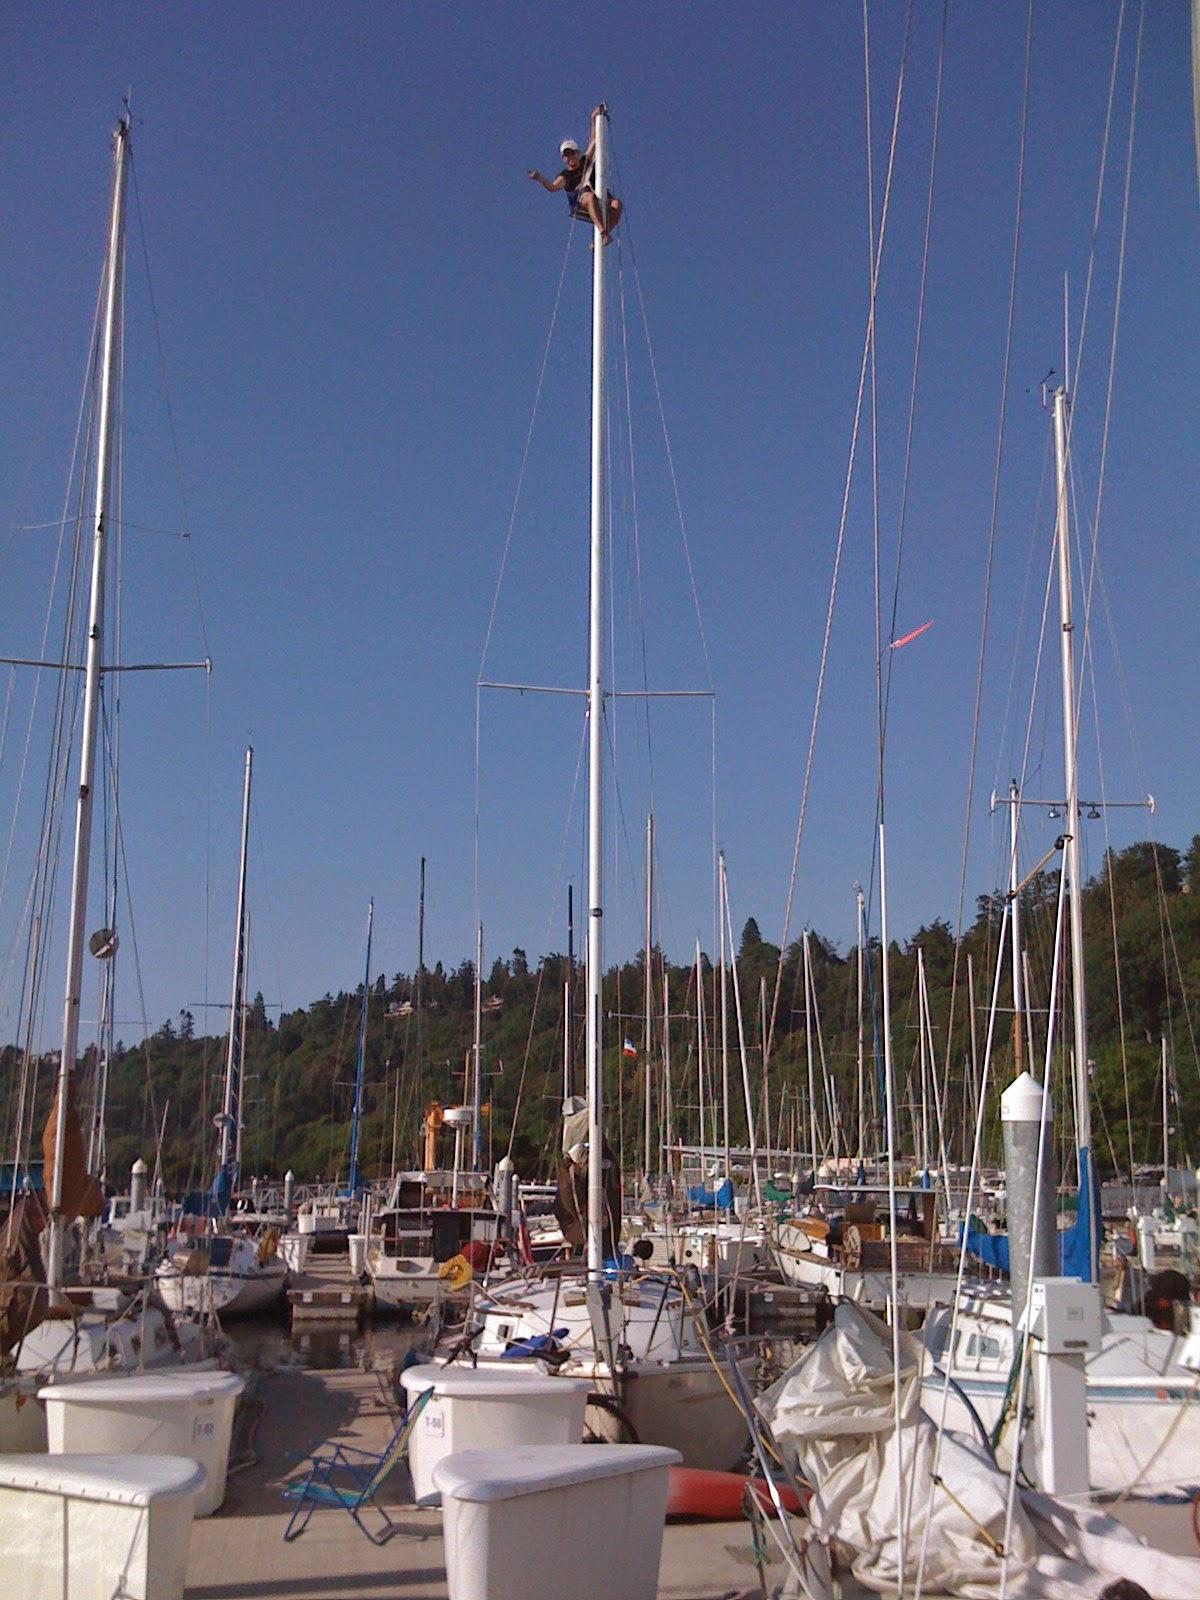 Captain Curran's sailing blog: How to sail your sailboat